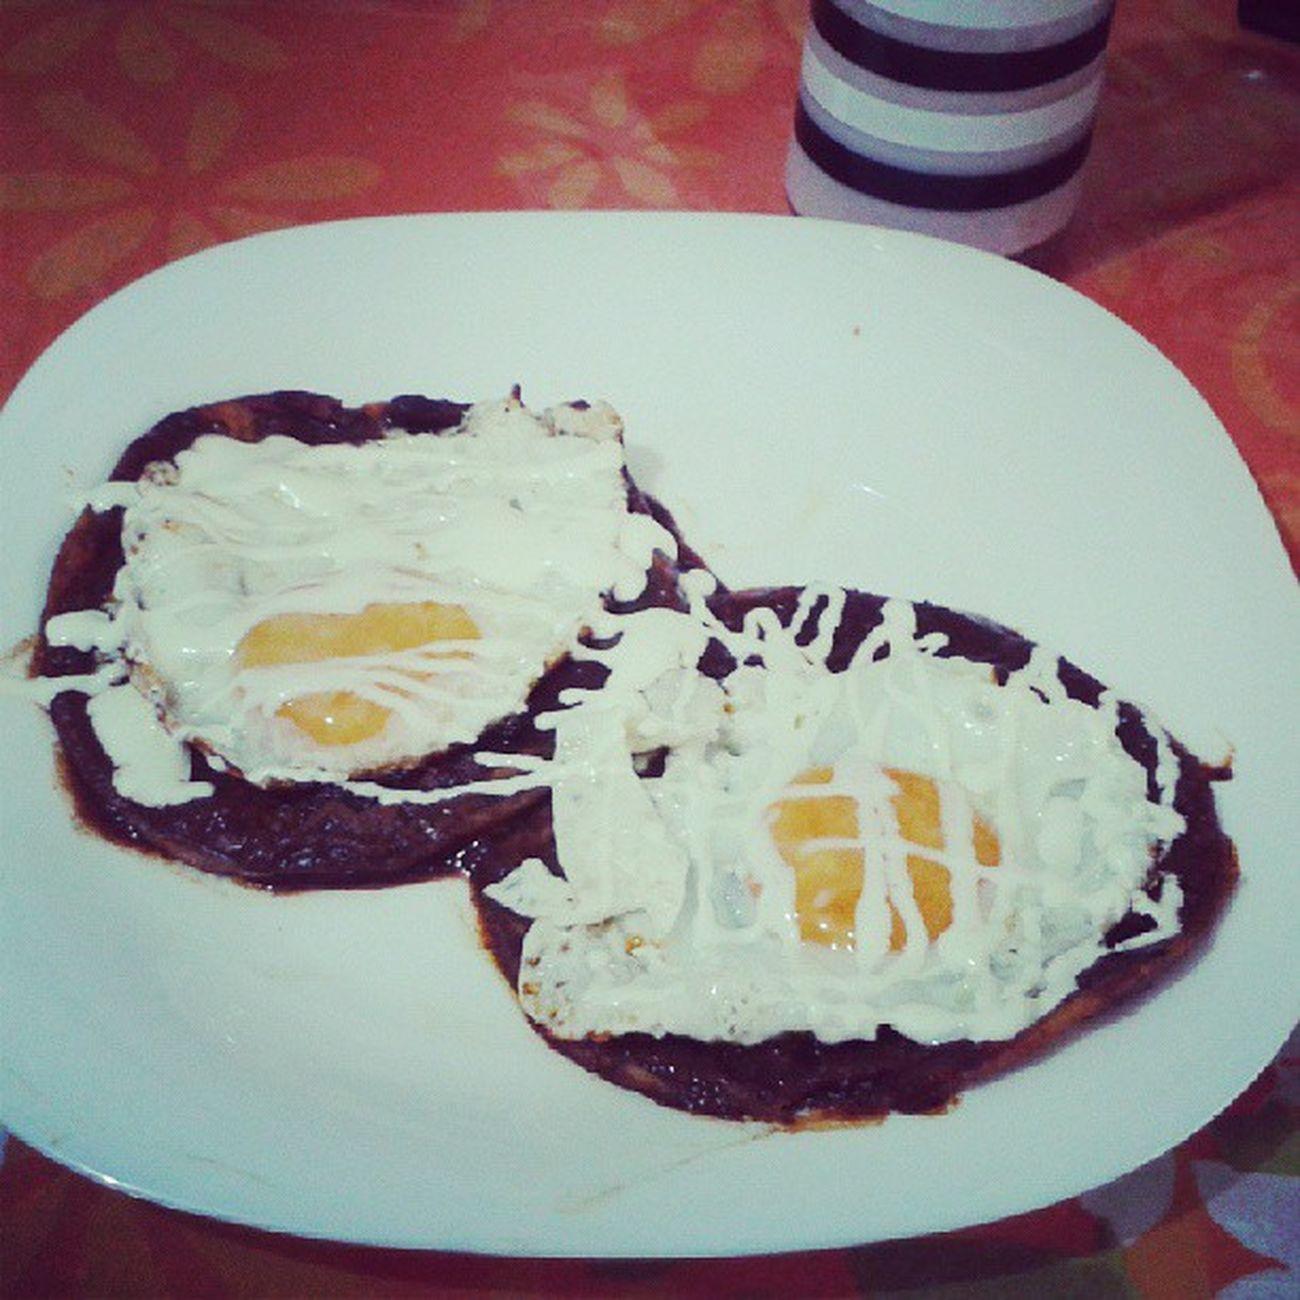 Como siempre yo, complaciendome mis antojos! :$ HuevosRancheros para desayunar